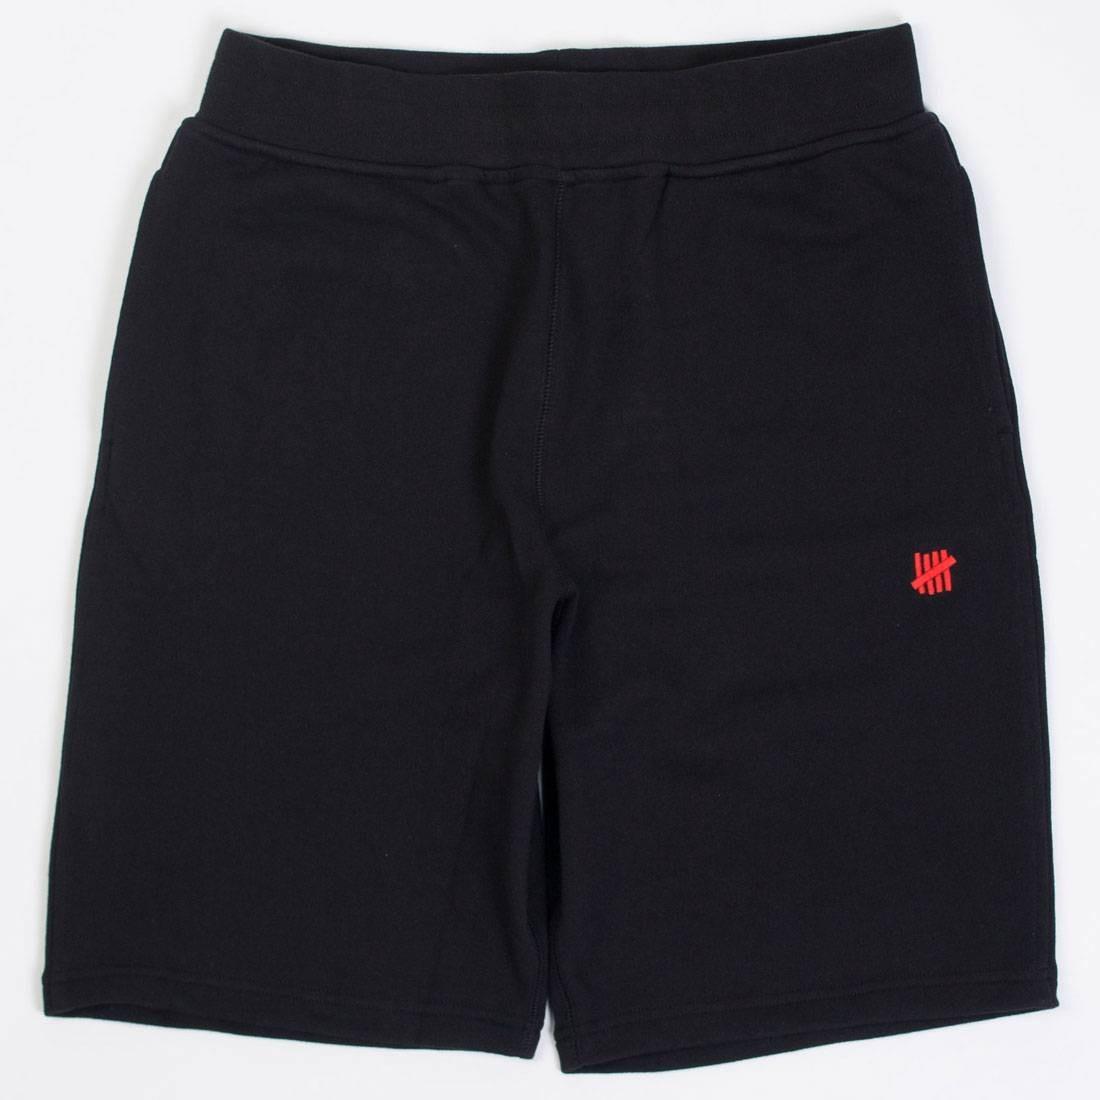 UNDEFEATED ストライク フォール 黒 ブラック 【 BLACK UNDEFEATED MEN 5 STRIKE FALL 2017 SWEATSHORTS 】 メンズファッション ズボン パンツ